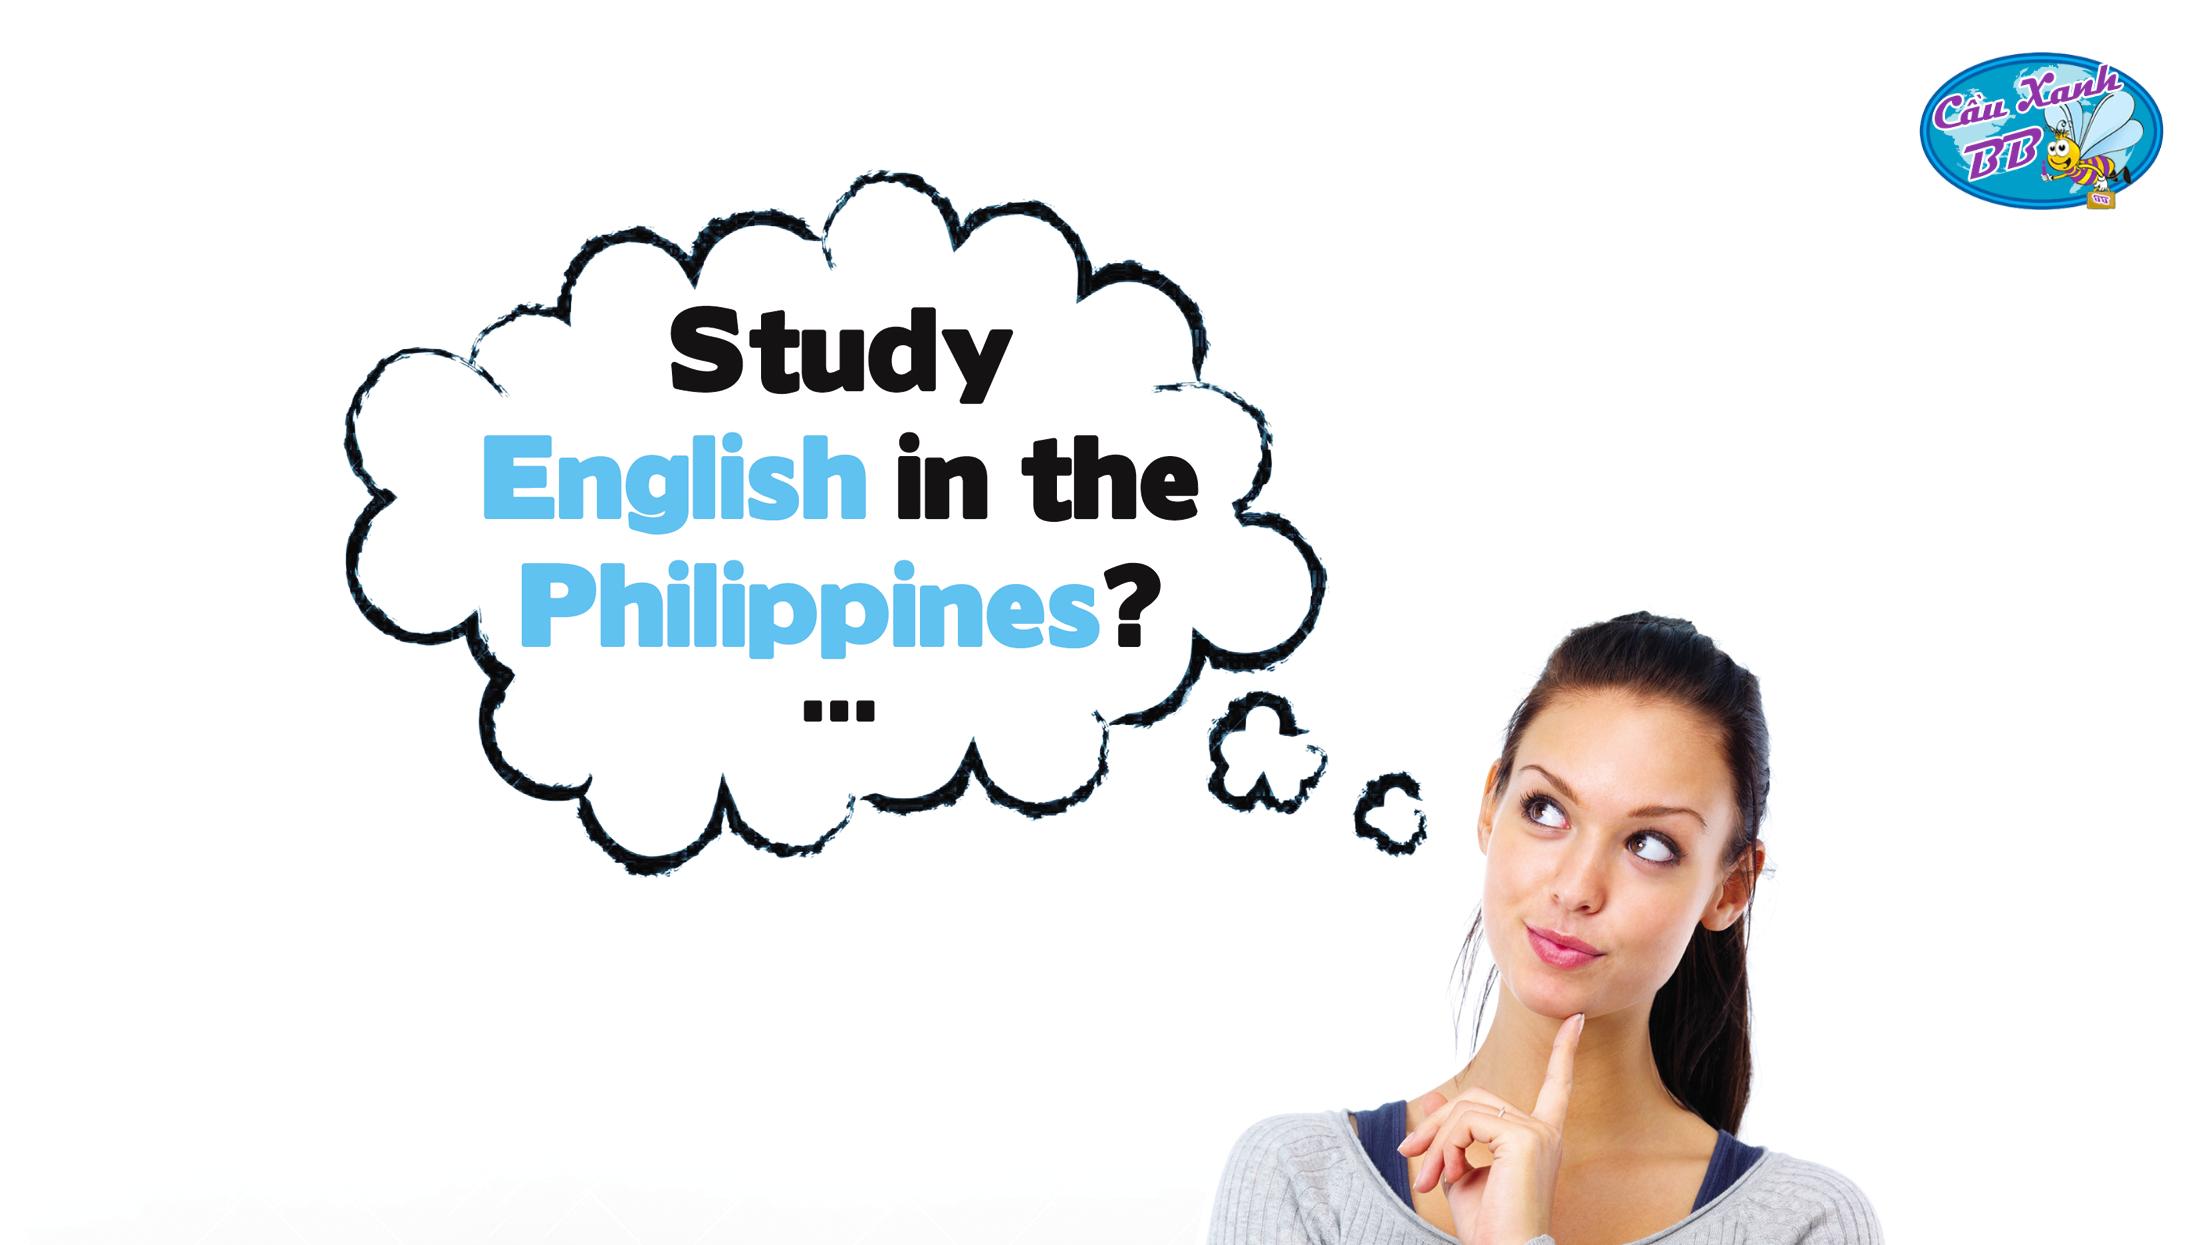 Danh sách các trường đào tạo tiếng Anh uy tín tại Philippines